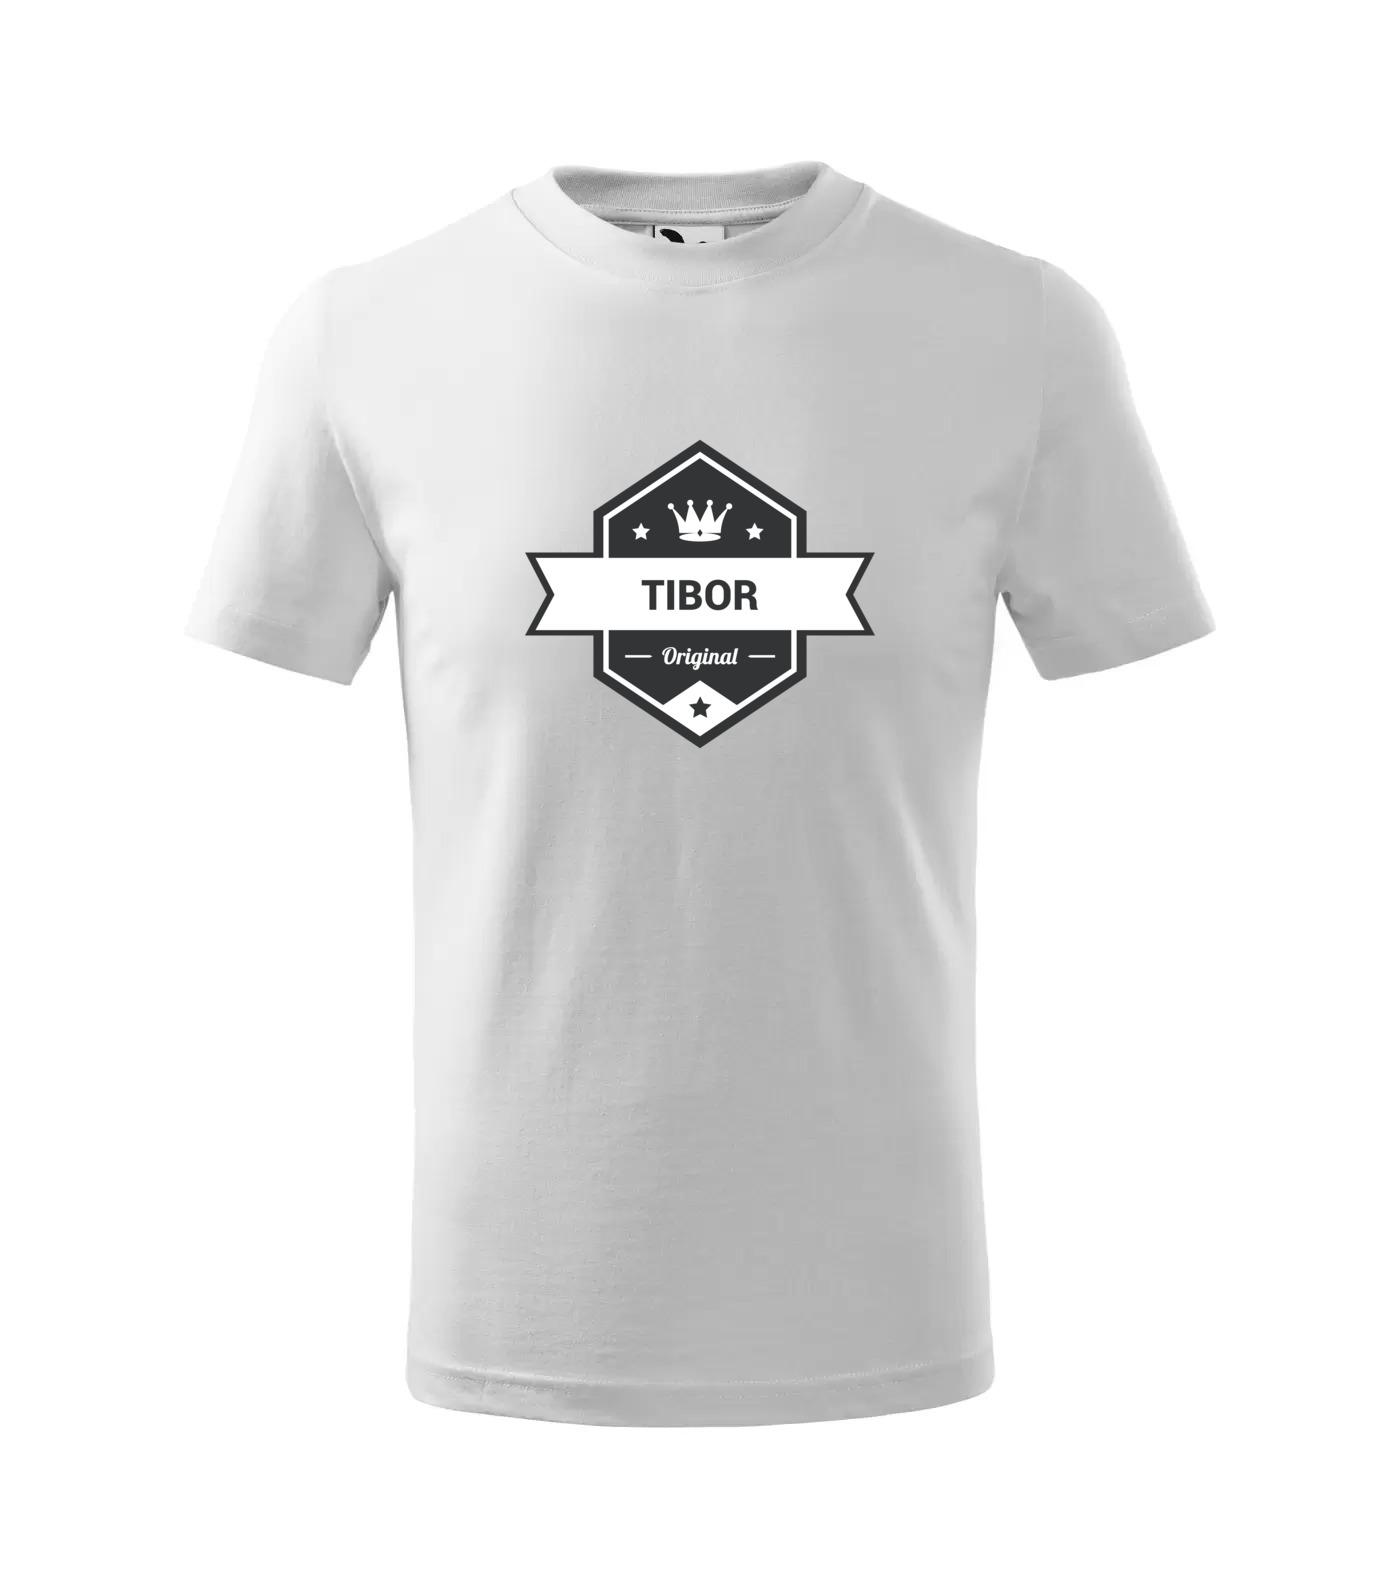 Tričko King Tibor